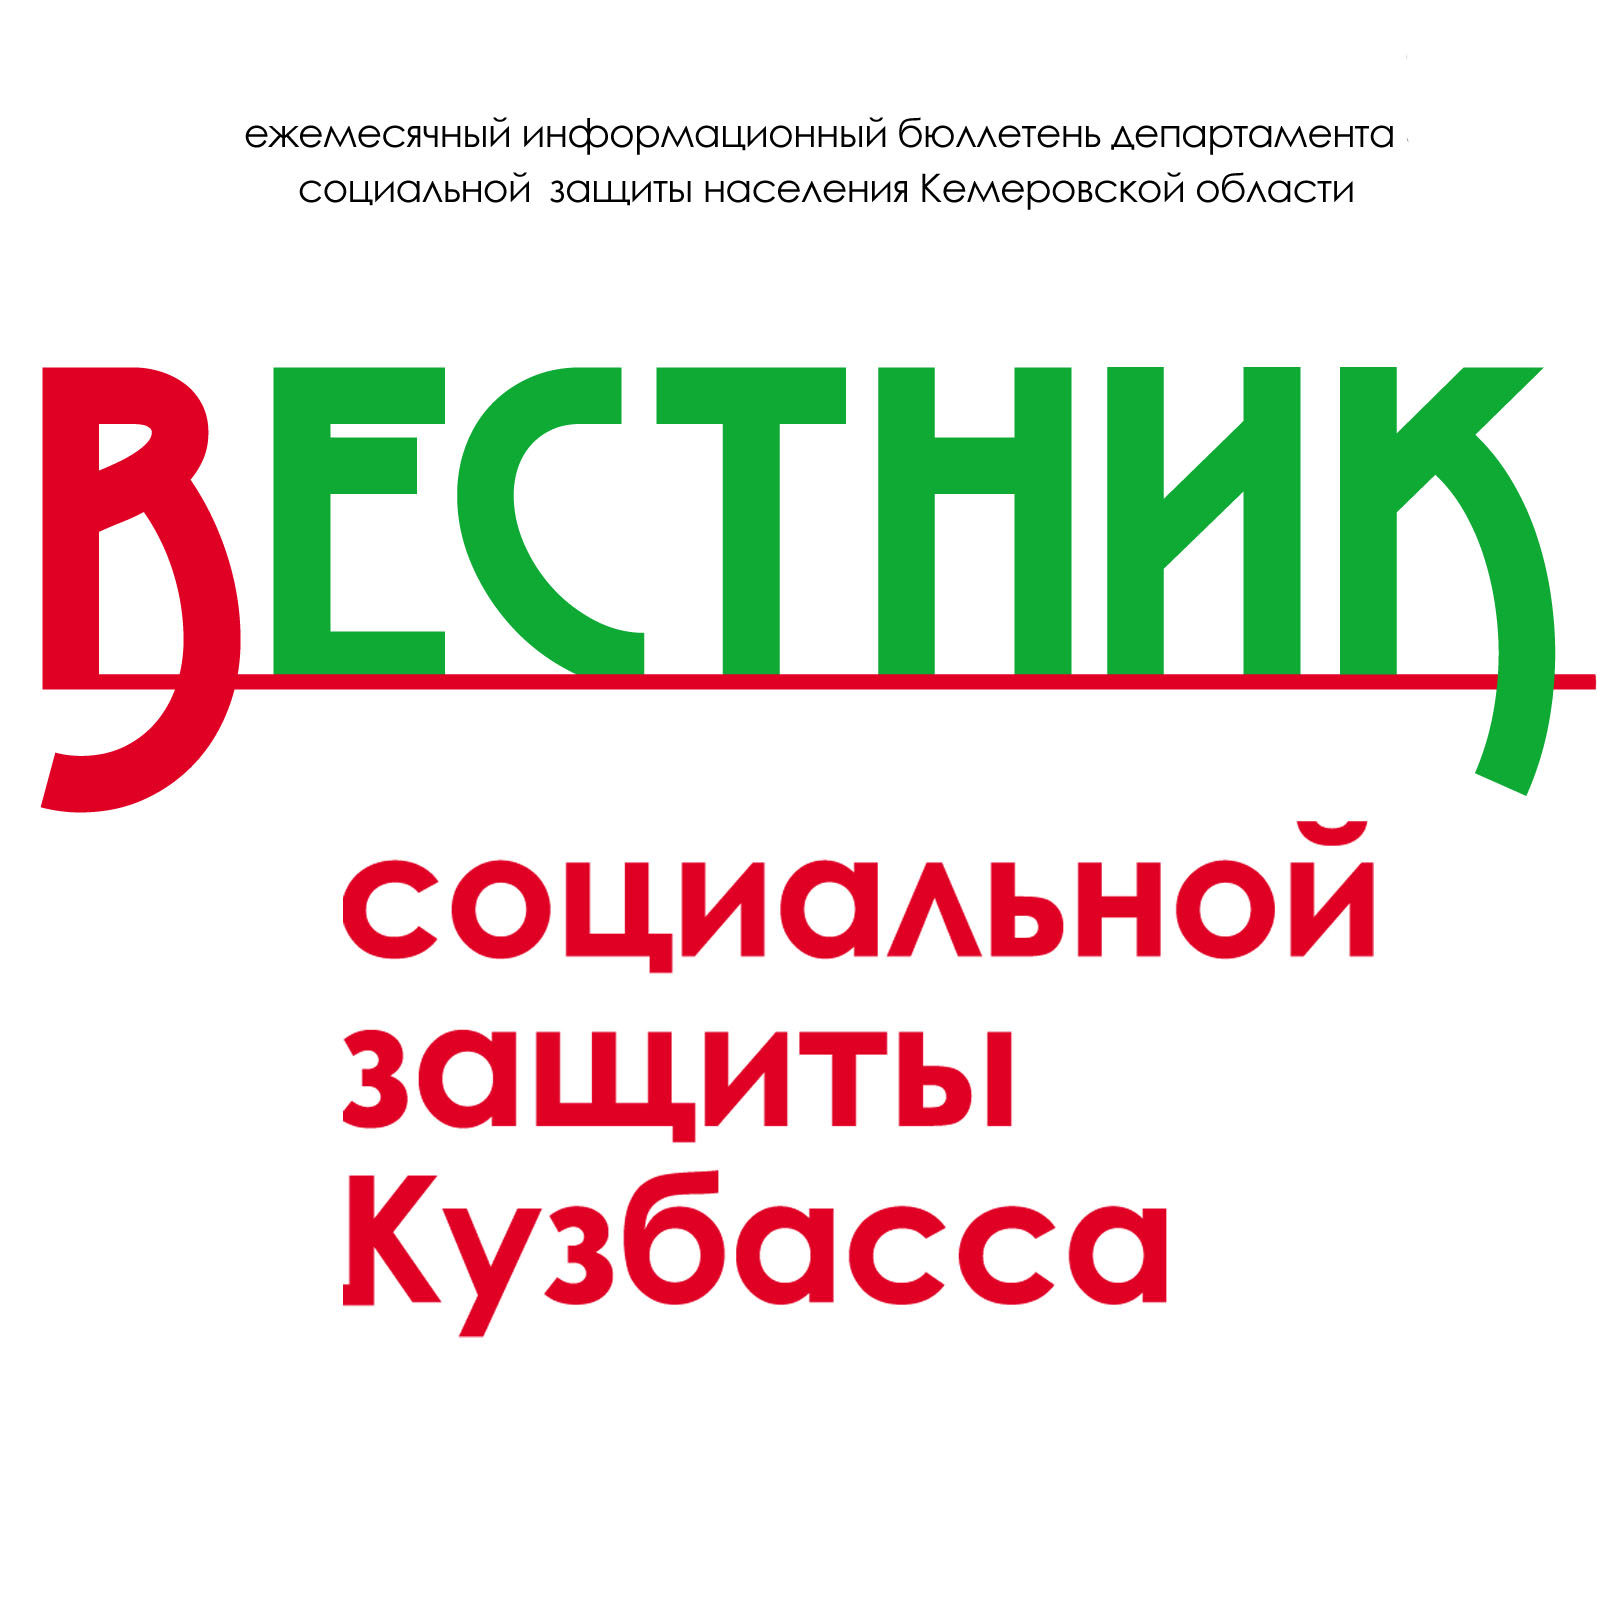 Вестник социальной защиты Кузбасса